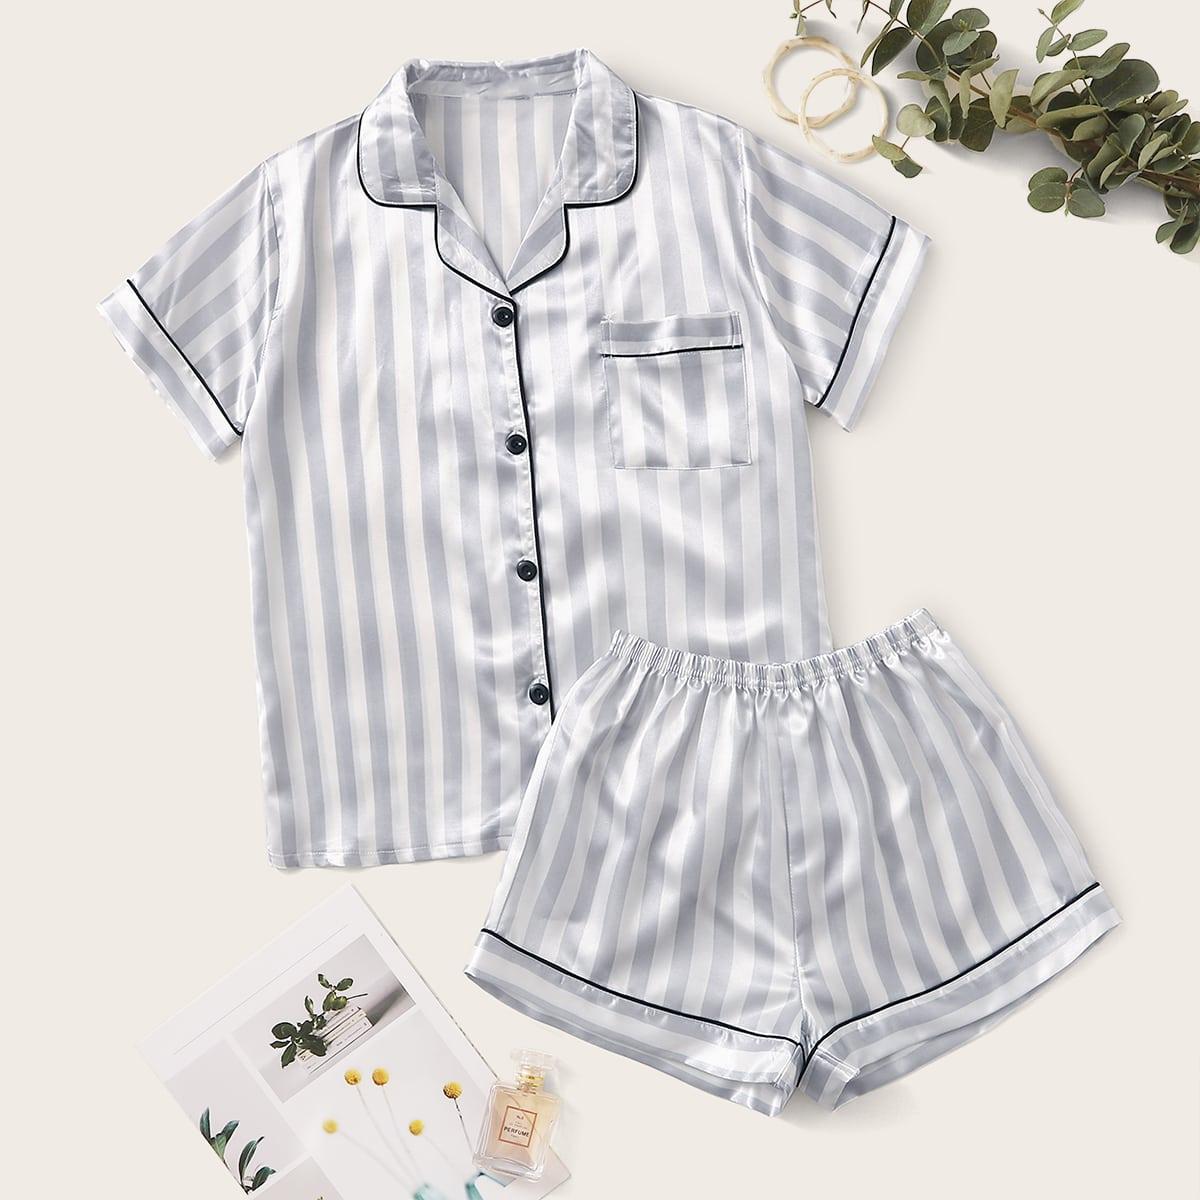 Атласная пижама с карманом и полосками